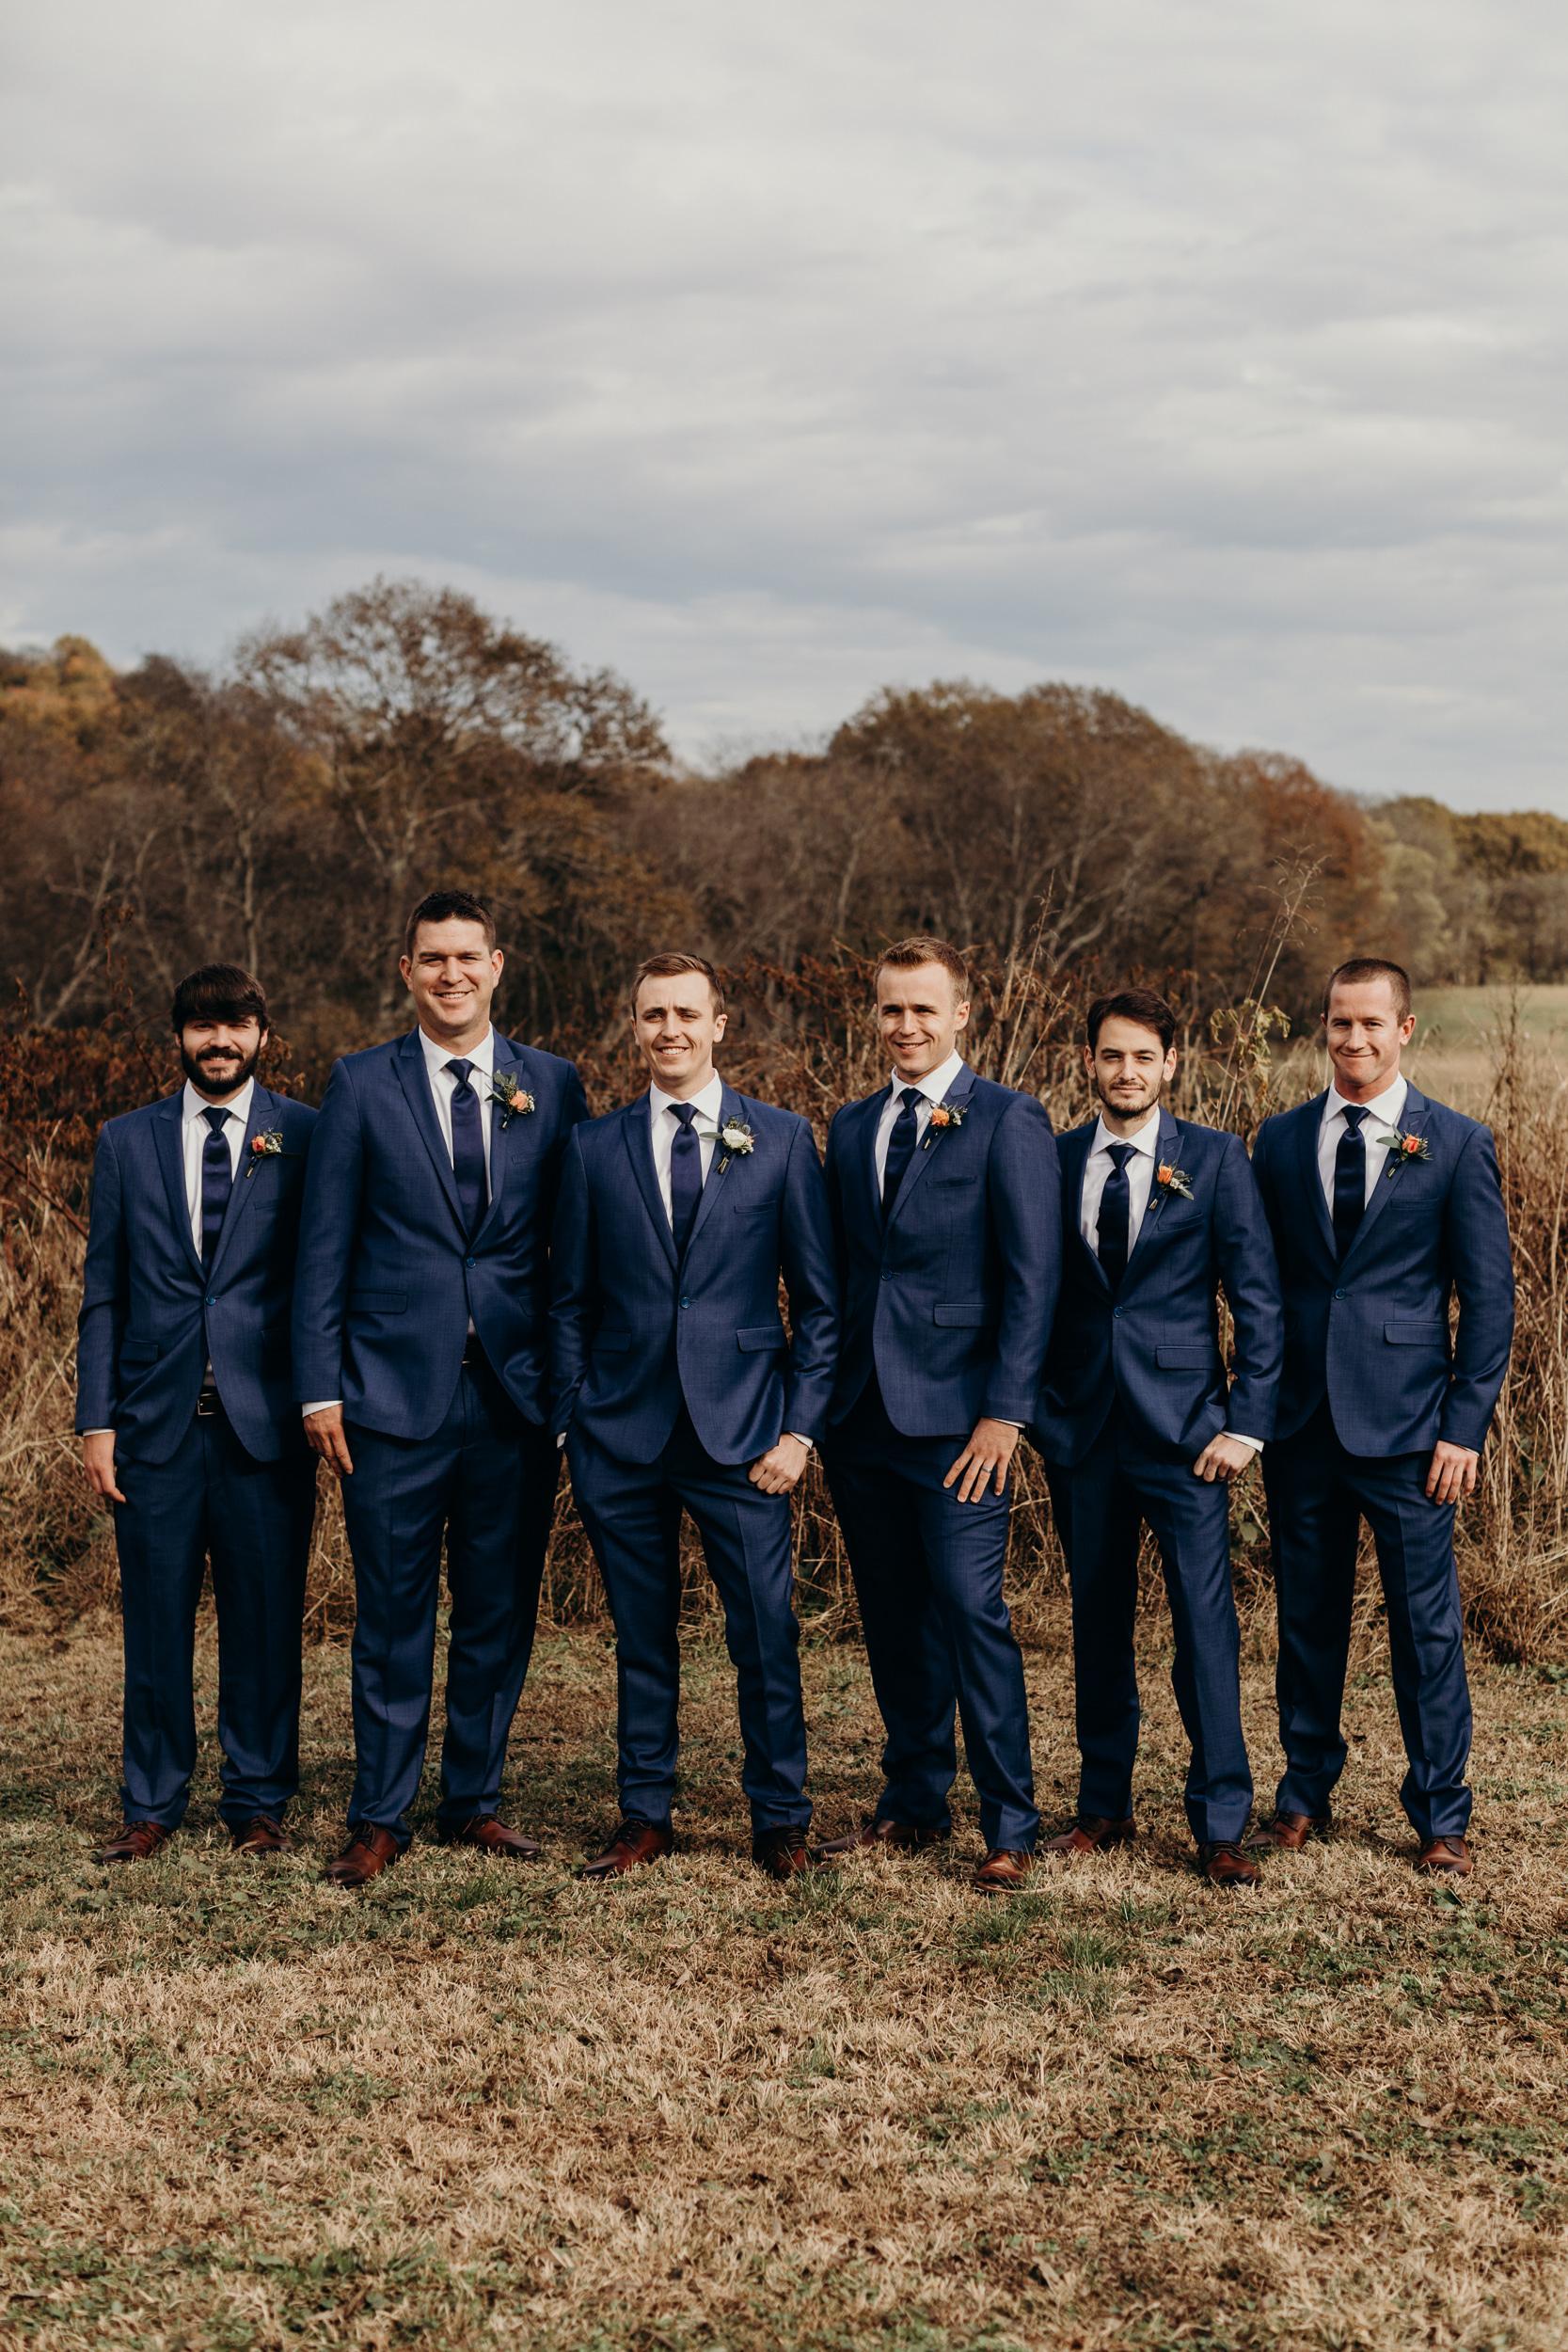 351-ltw-morgan-adam-wedding.jpg